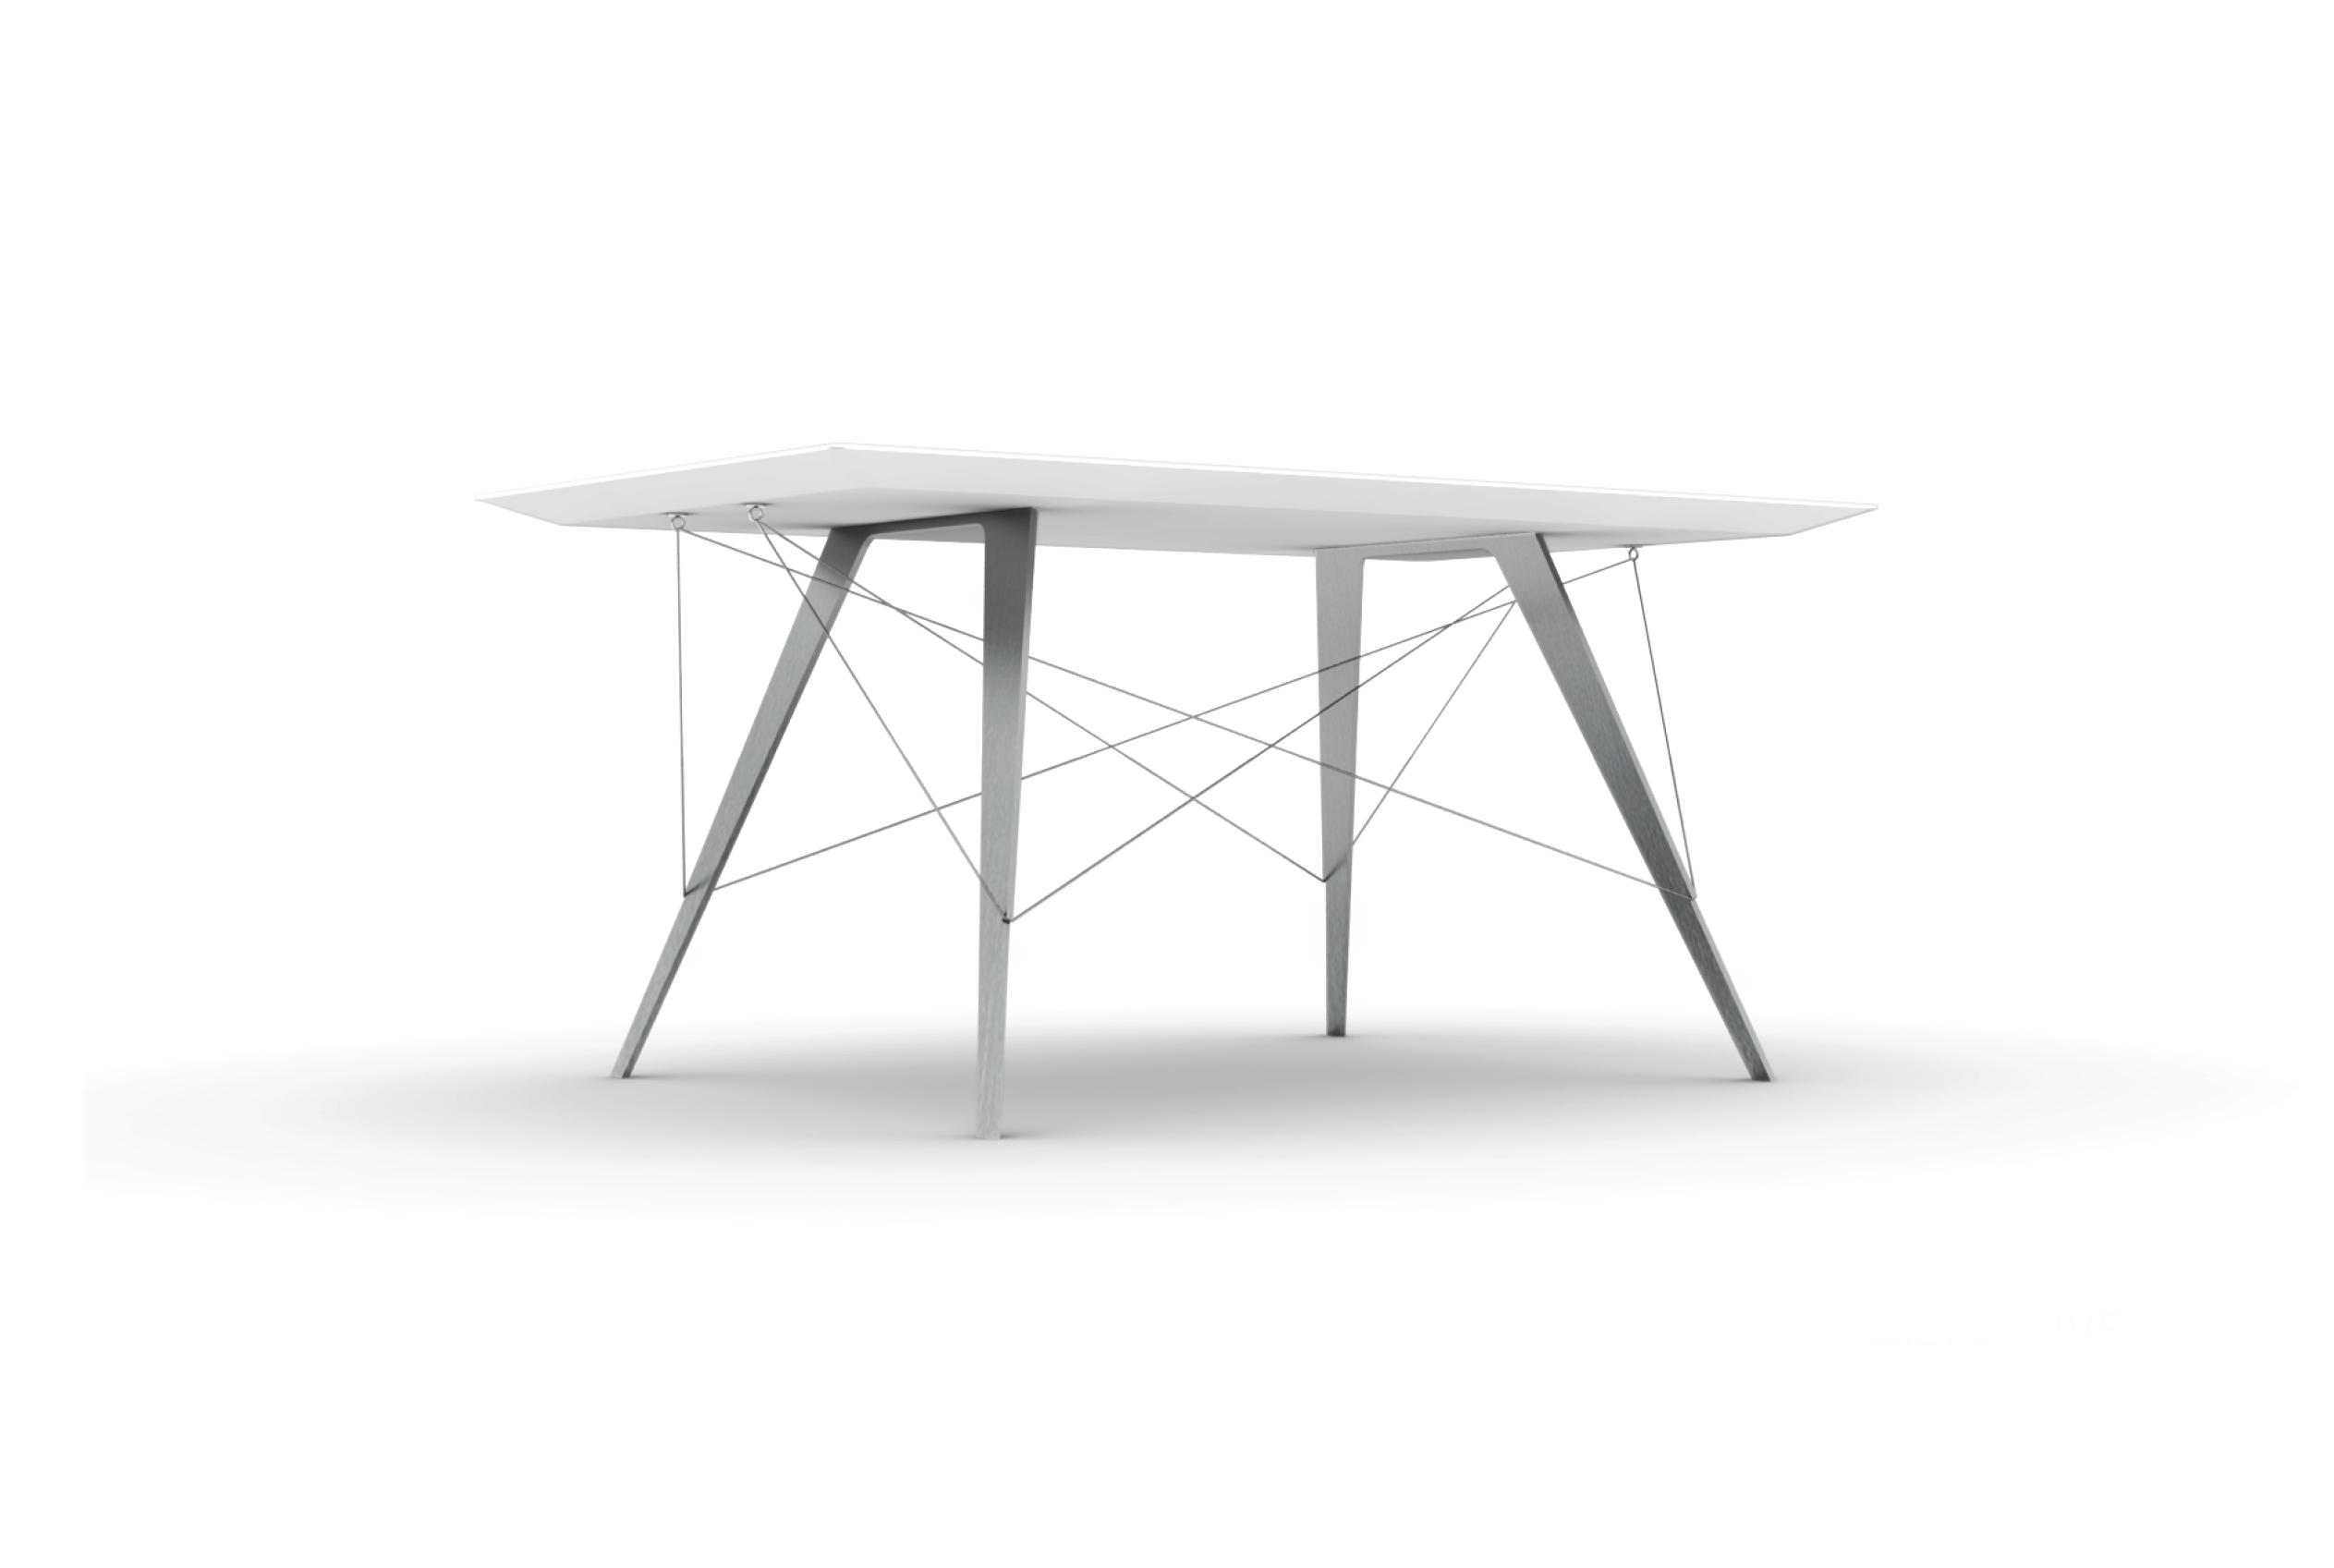 Table 1 | DFA